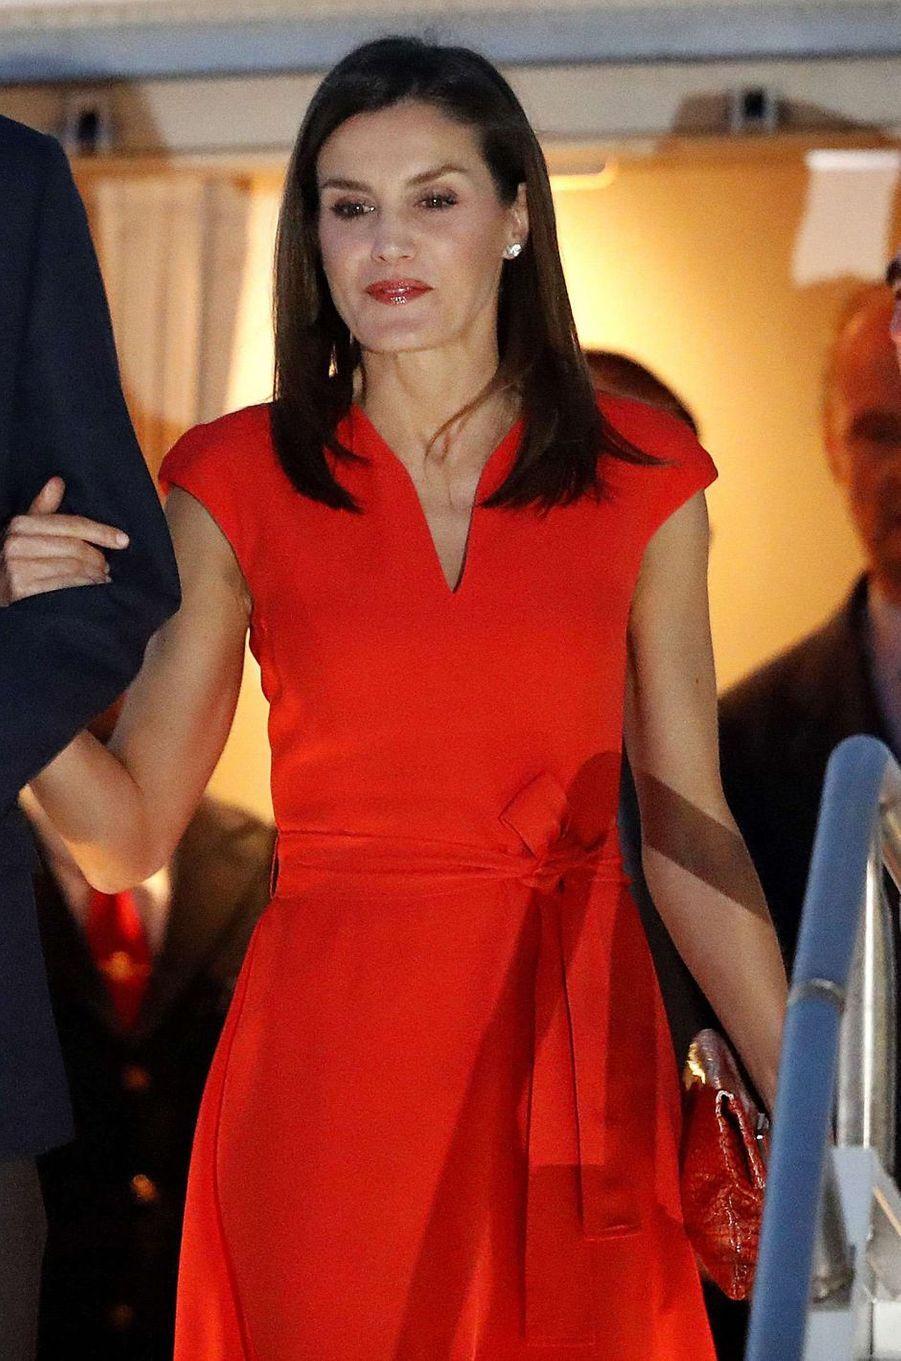 La reine Letizia d'Espagne à La Nouvelle-Orléans, le 14 juin 2018